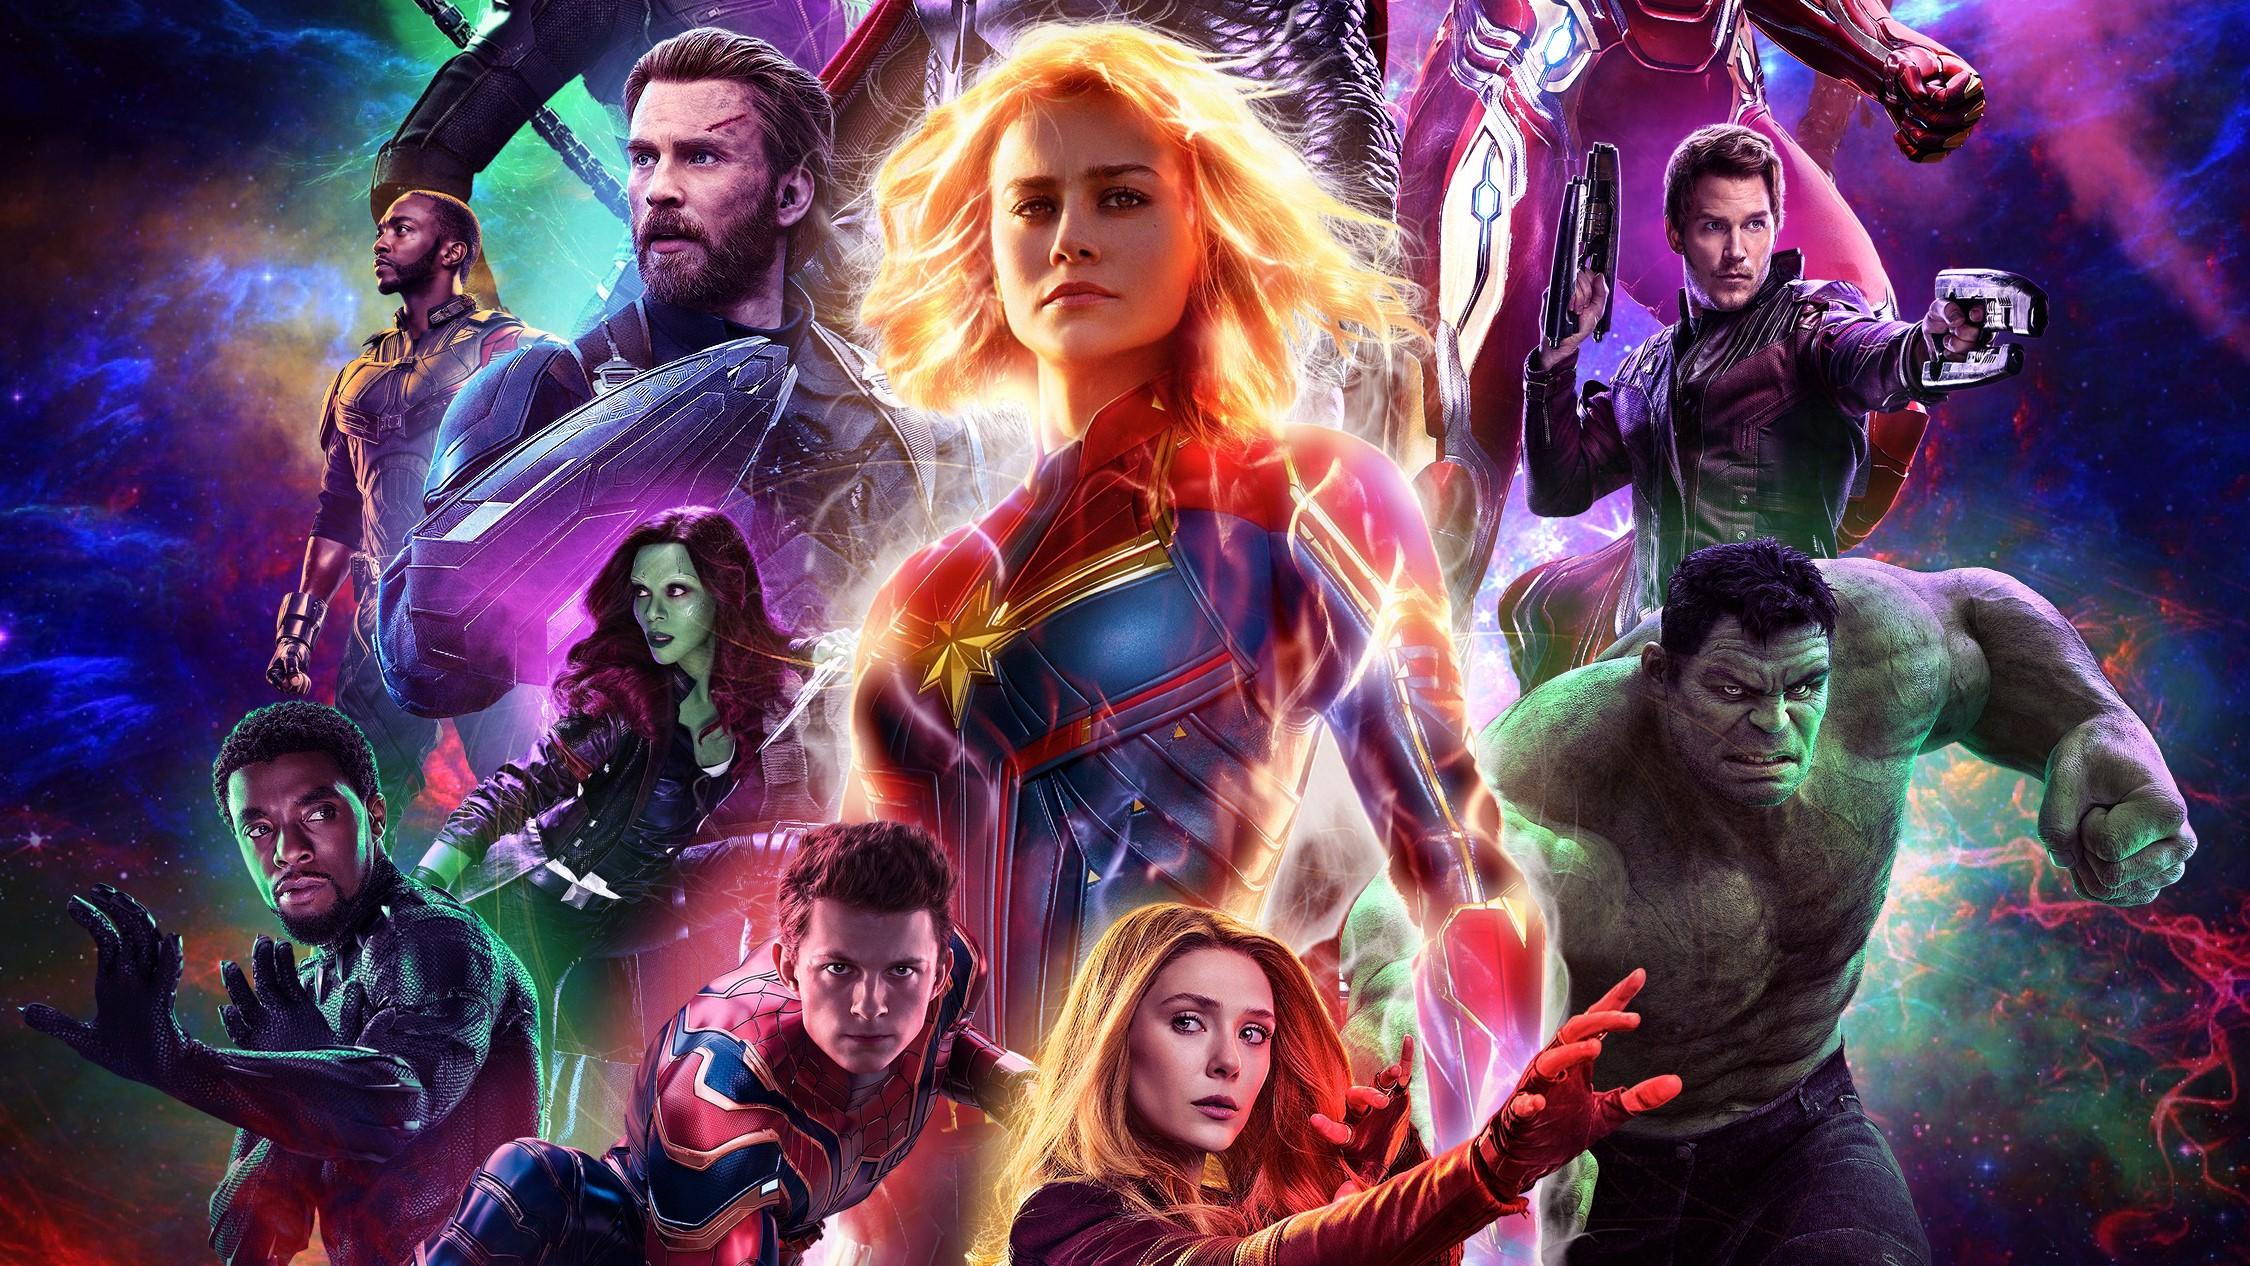 Avengers Endgame hd resimleri